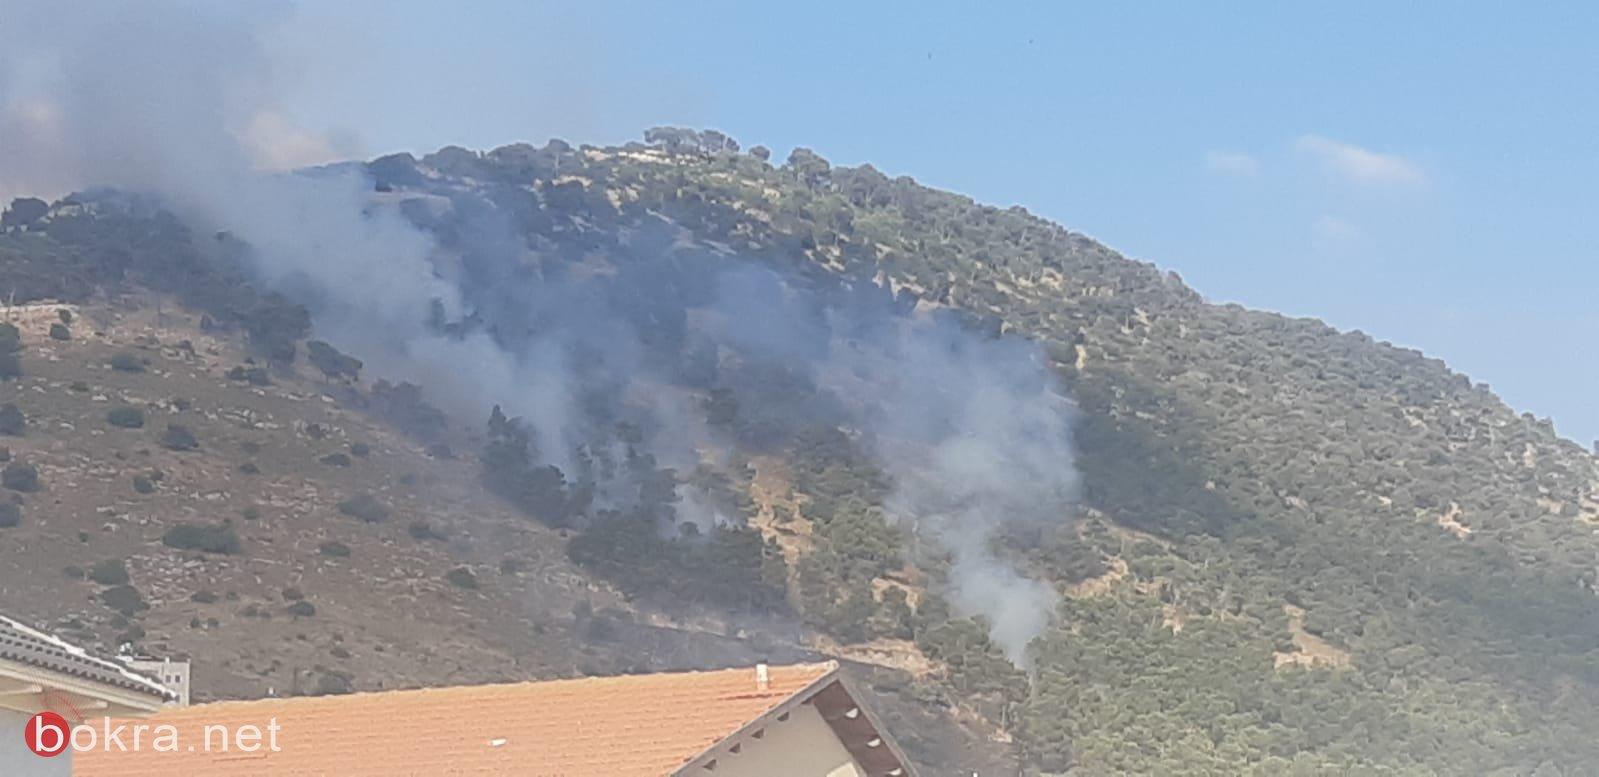 اندلاع حريق بمنطقة حرشية بالقرب من دبورية